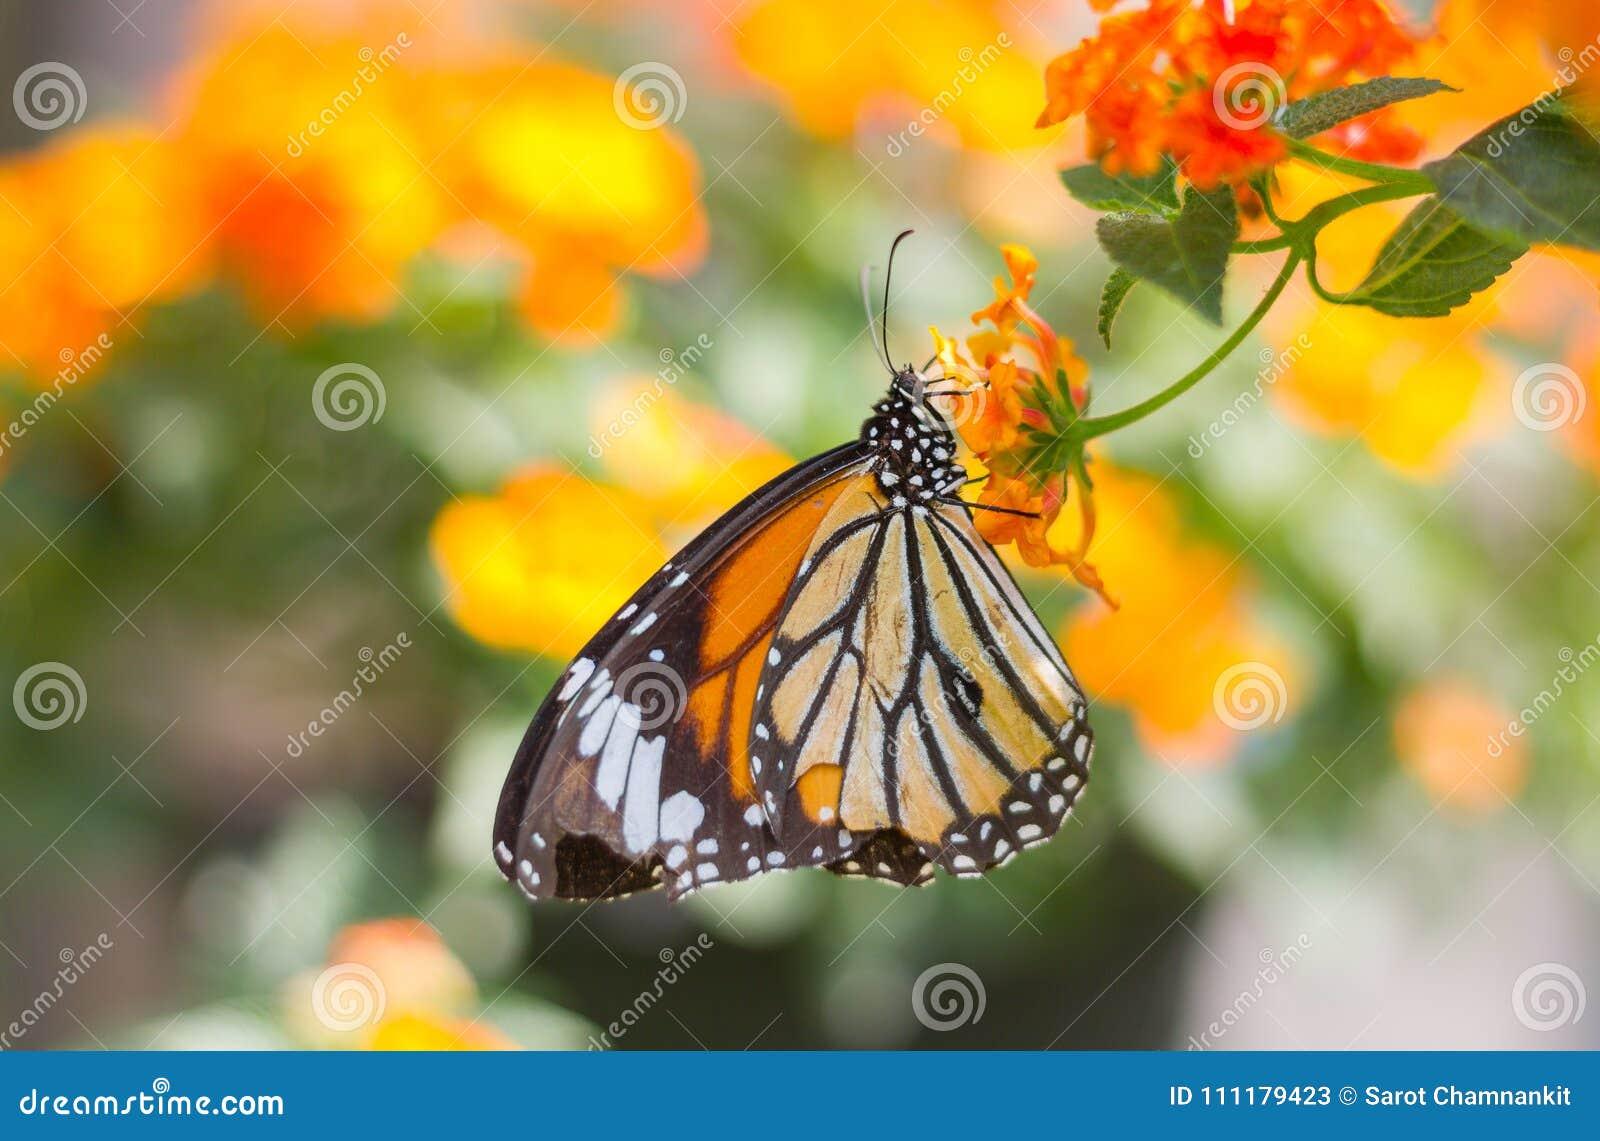 Monarchbasisrecheneinheit auf einer Blume